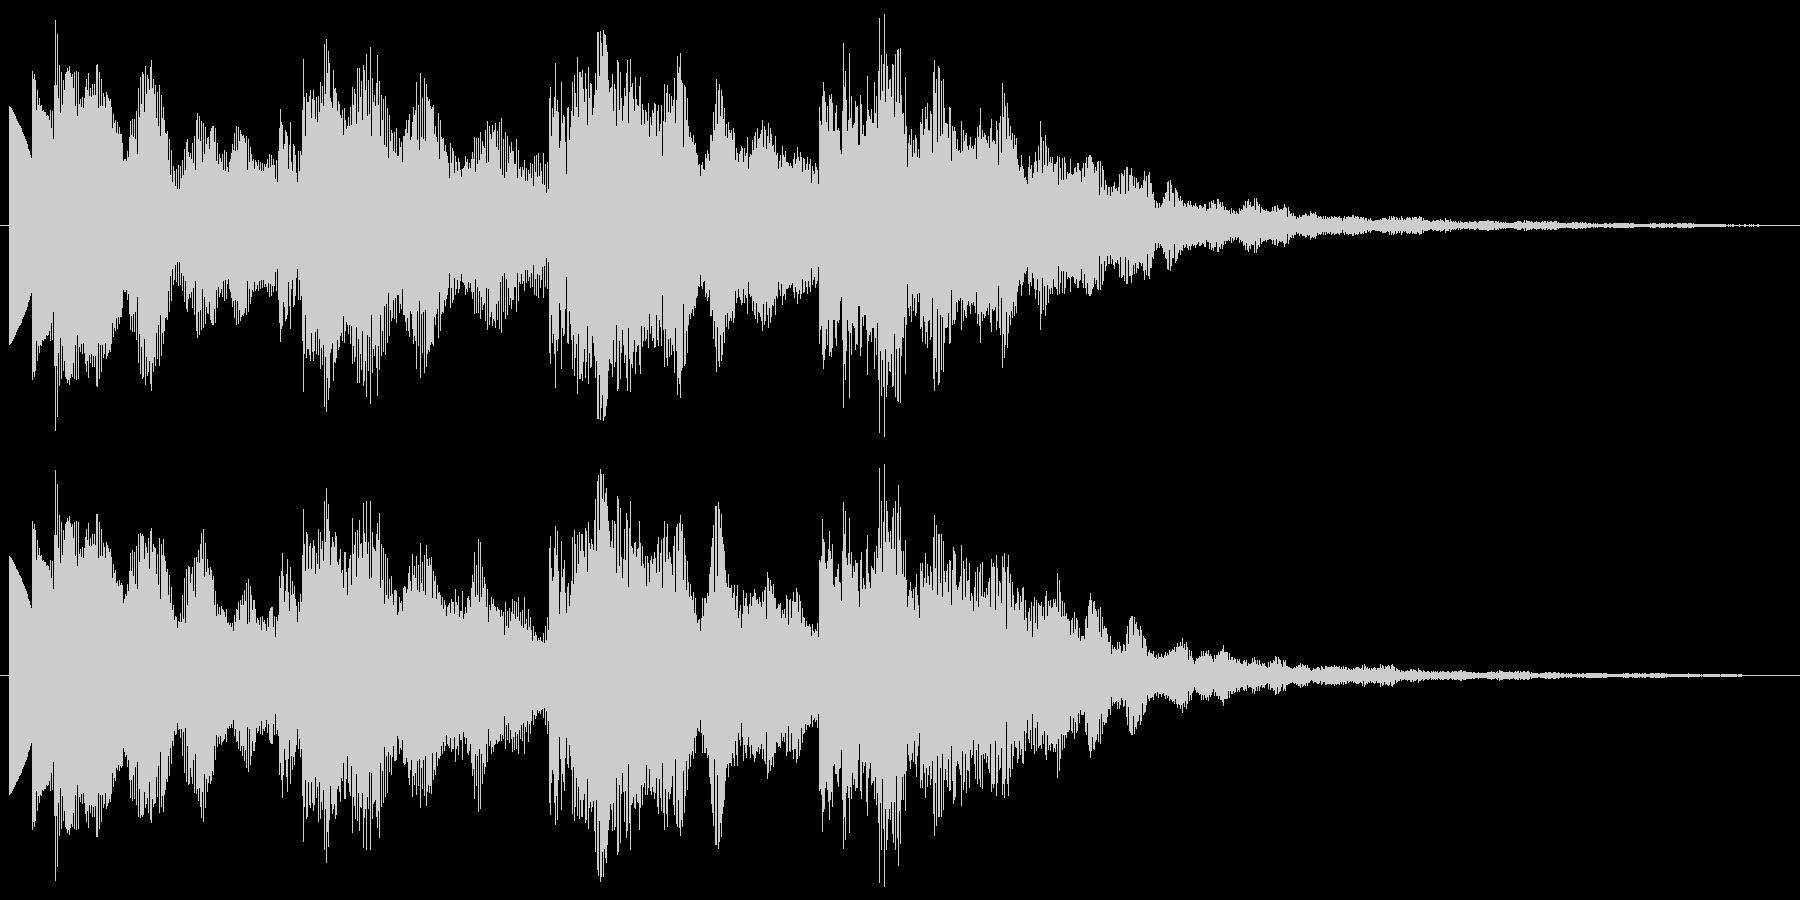 ポップ 優しく煌びやかな音 サウンドロゴの未再生の波形